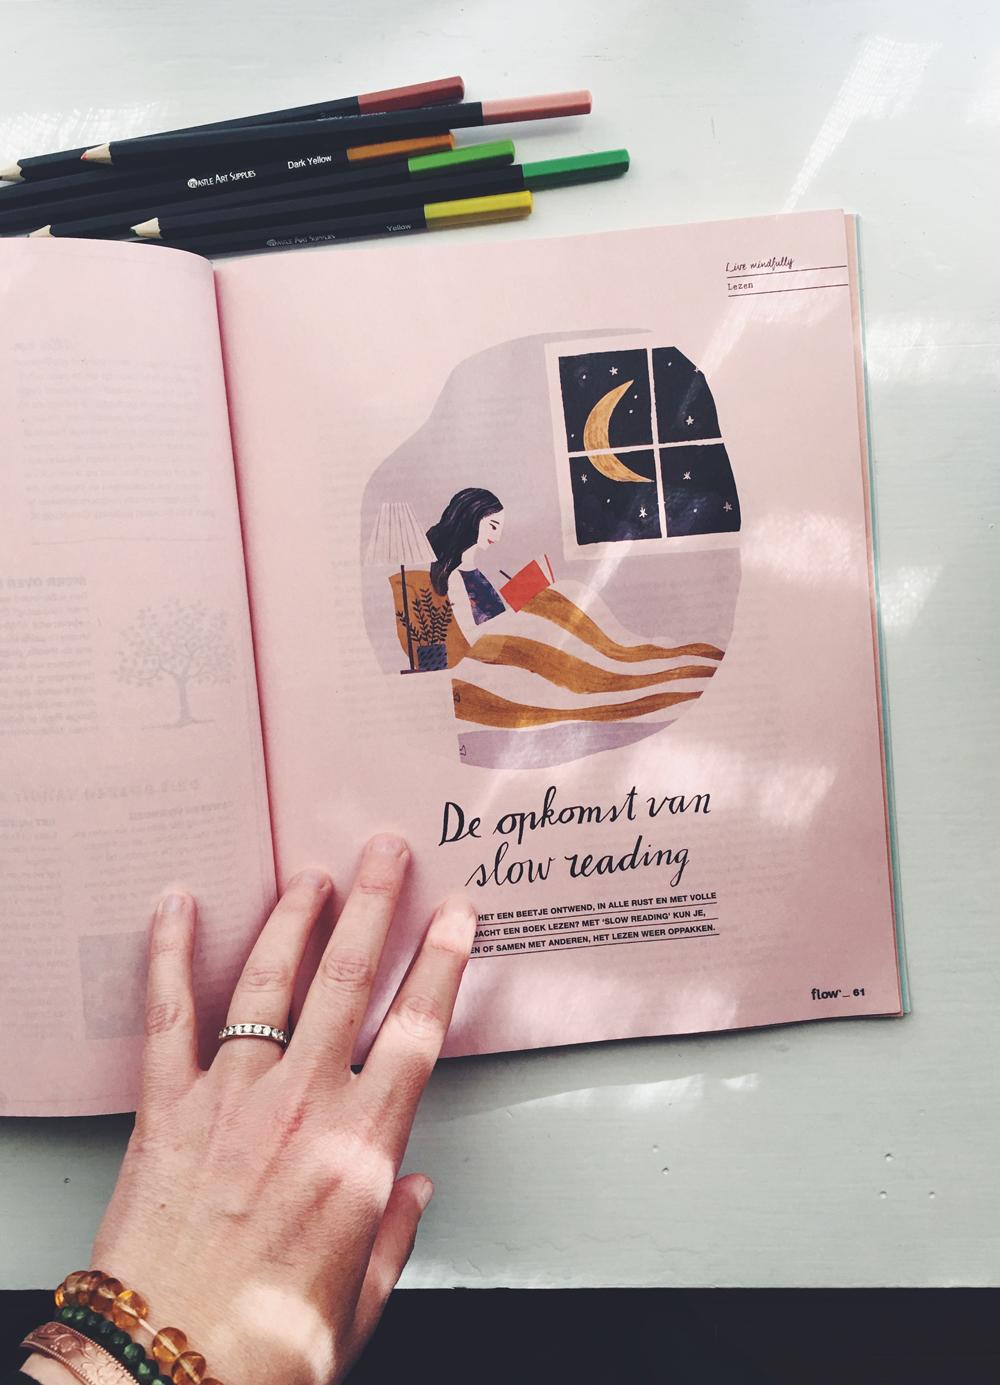 slowreadingillustration_penelopedullaghan_flowmagazine.jpg